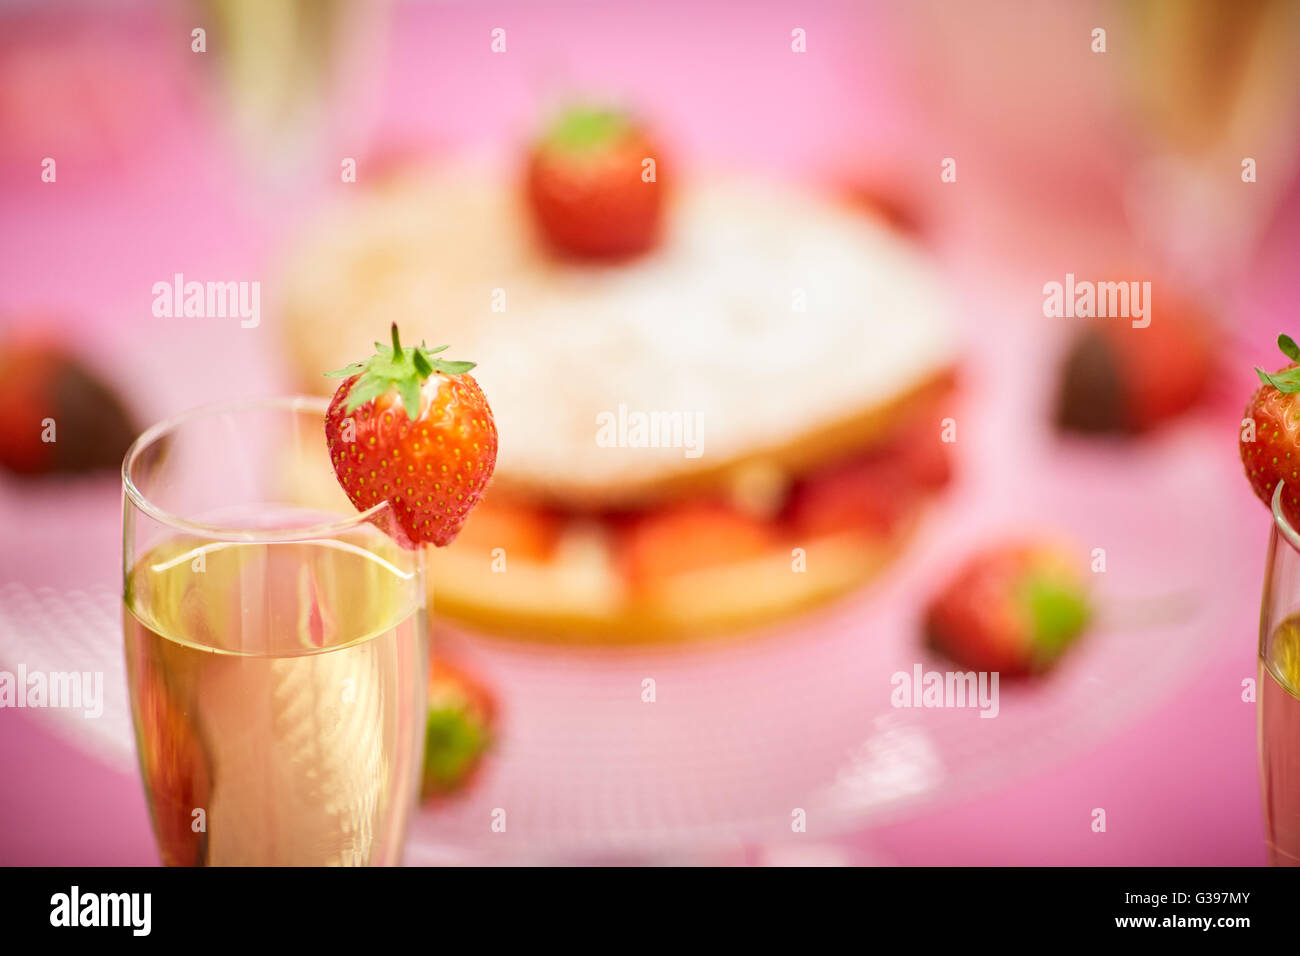 Vino de fresas bañadas en chocolate cake partido té de frutas de verano picnic esponja rosa roja decoración Imagen De Stock